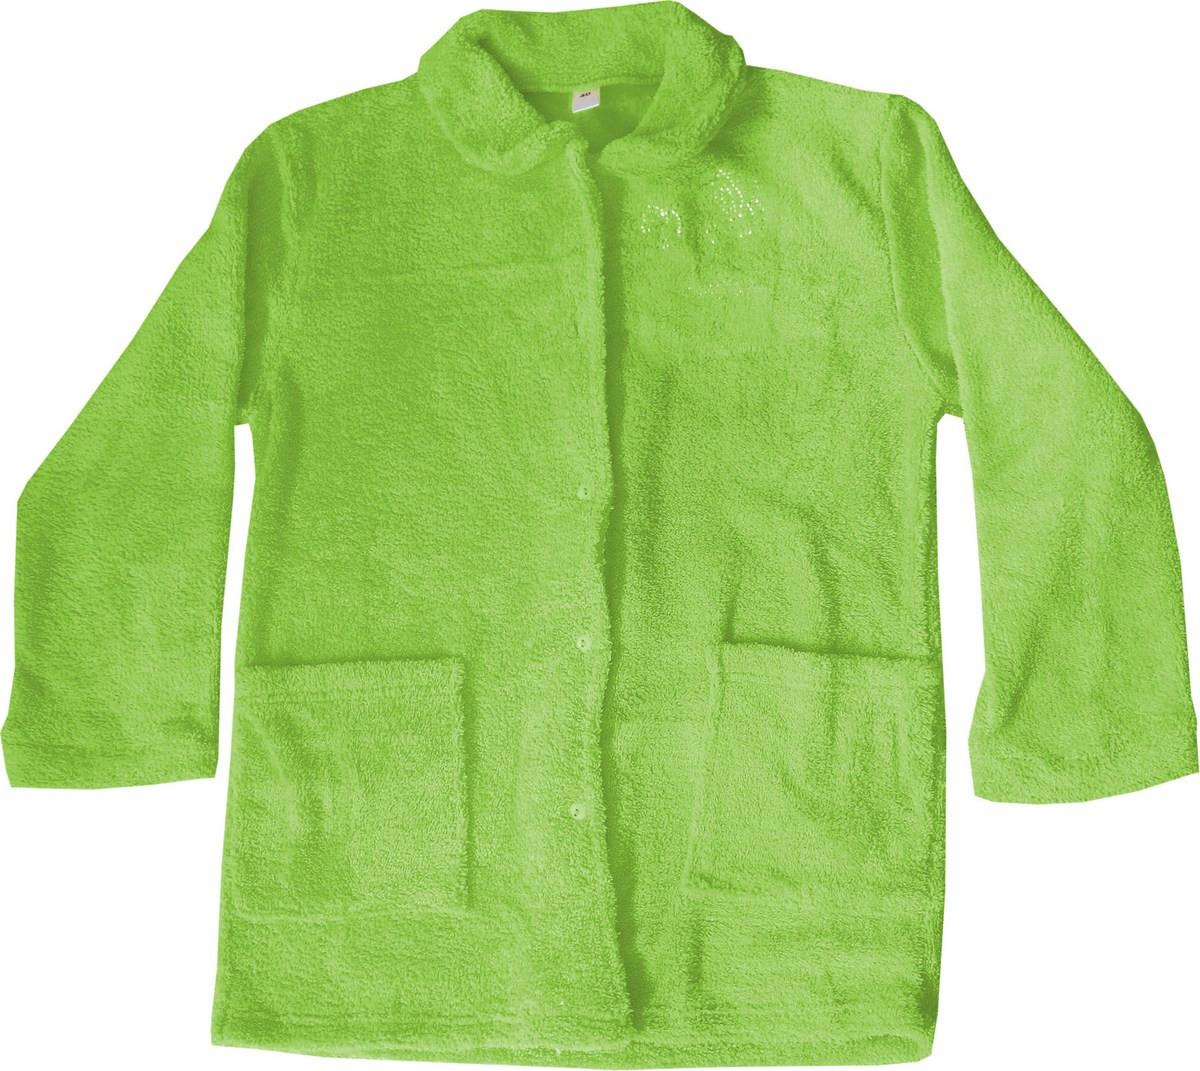 γυναικειο σακακι - Γυναικείες Πιτζάμες 974daf26851